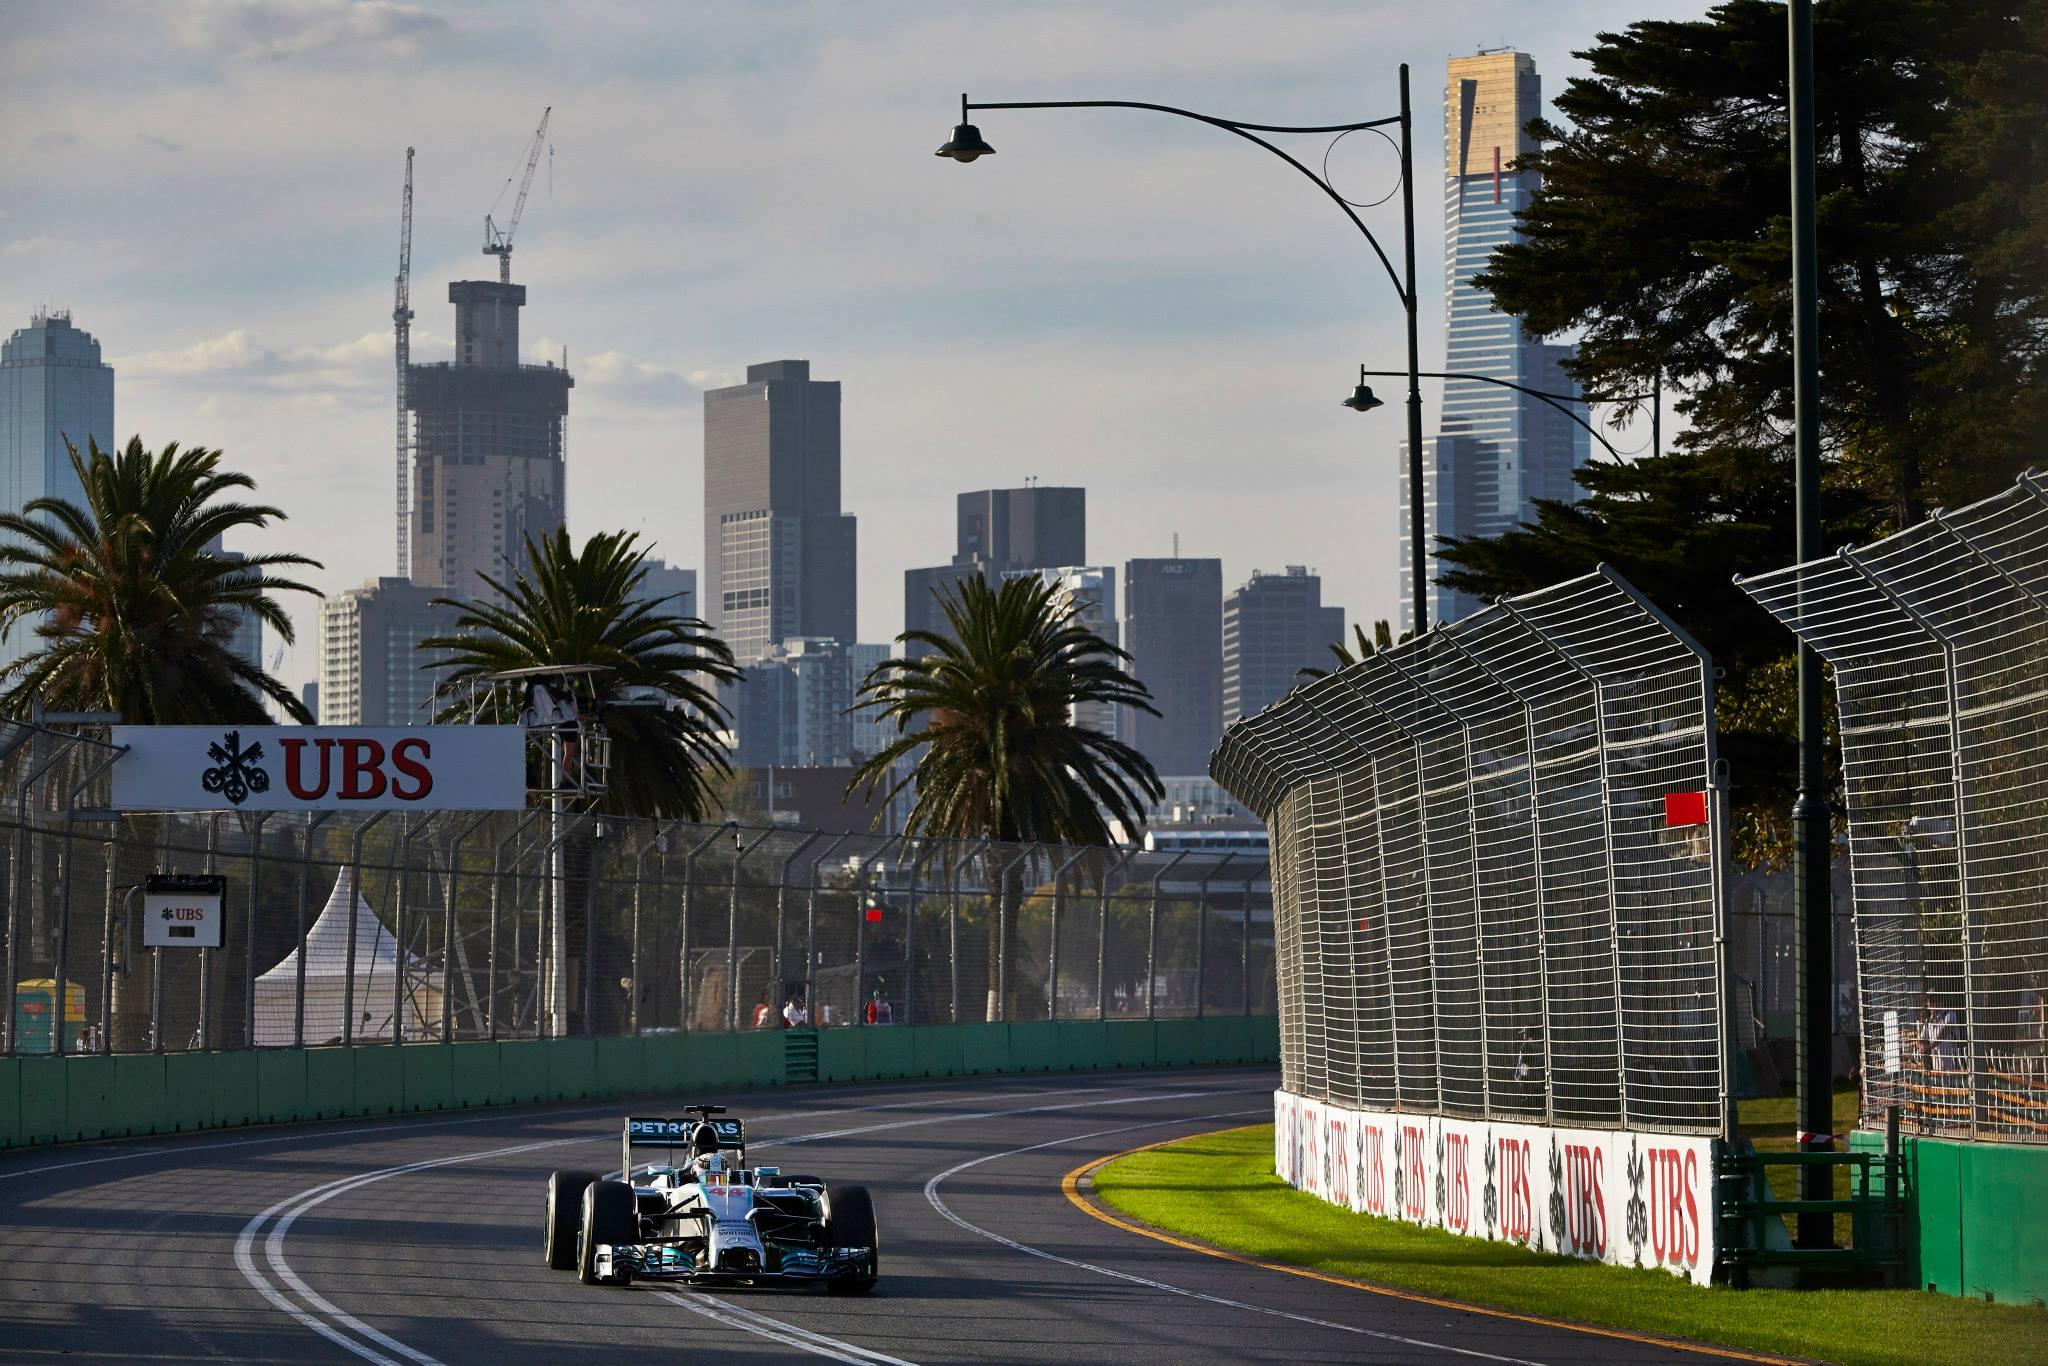 Hamiltonnak eddig minden remekül alakult, Rosbergnek 2 másodperc kellett volna